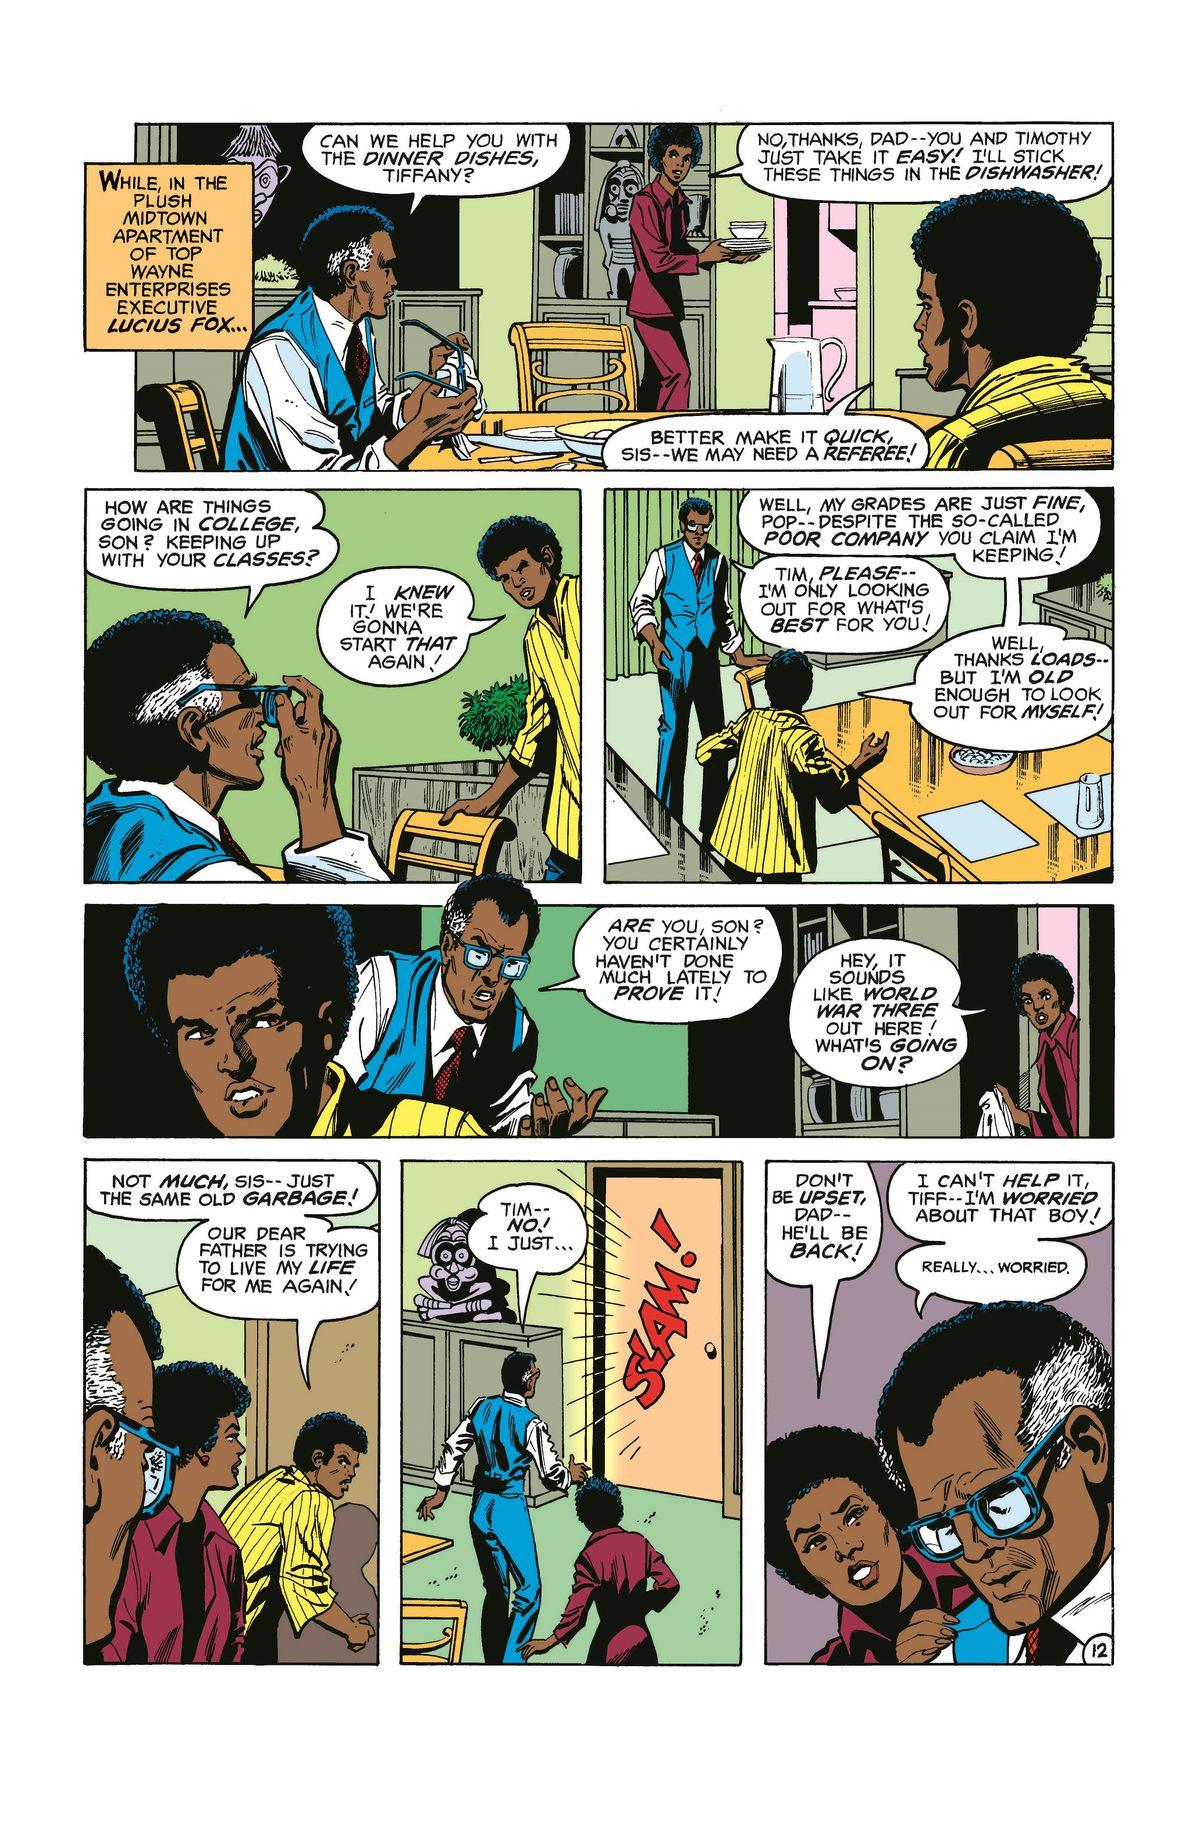 Tim Fox first appearance in Batman#313, April 10, 1979